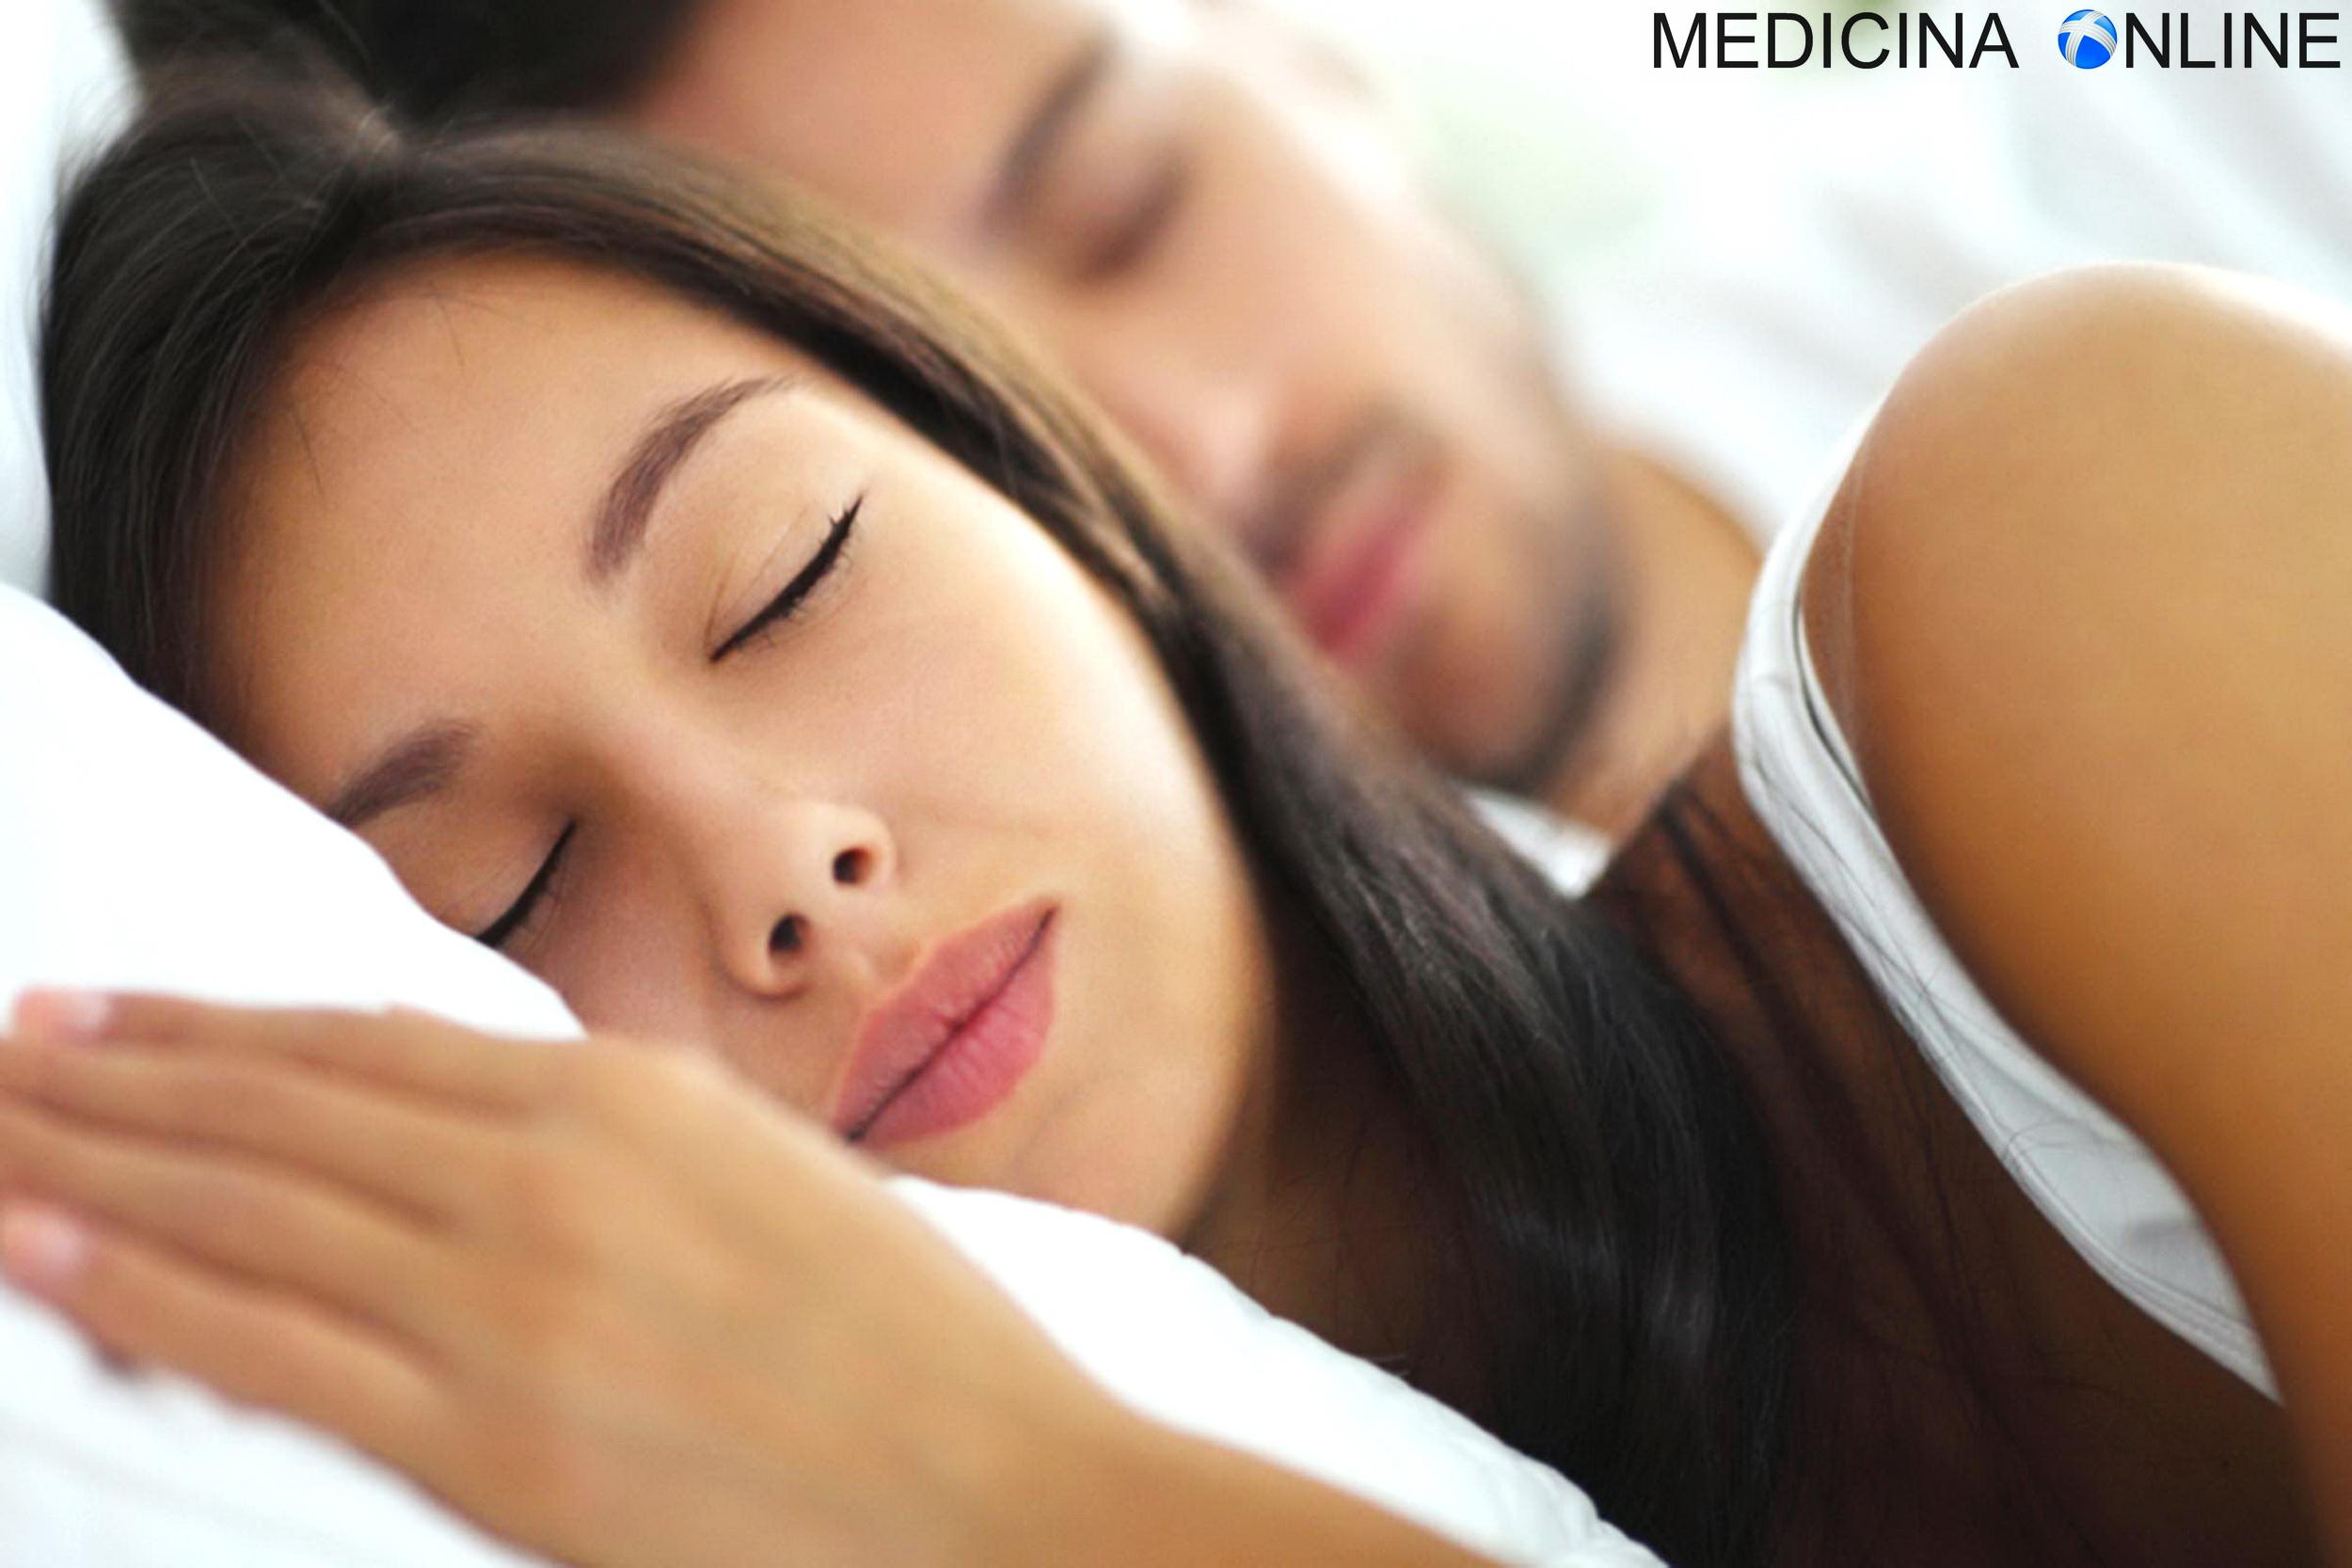 Disfunzione erettile: quali sono le cause? - Paginemediche